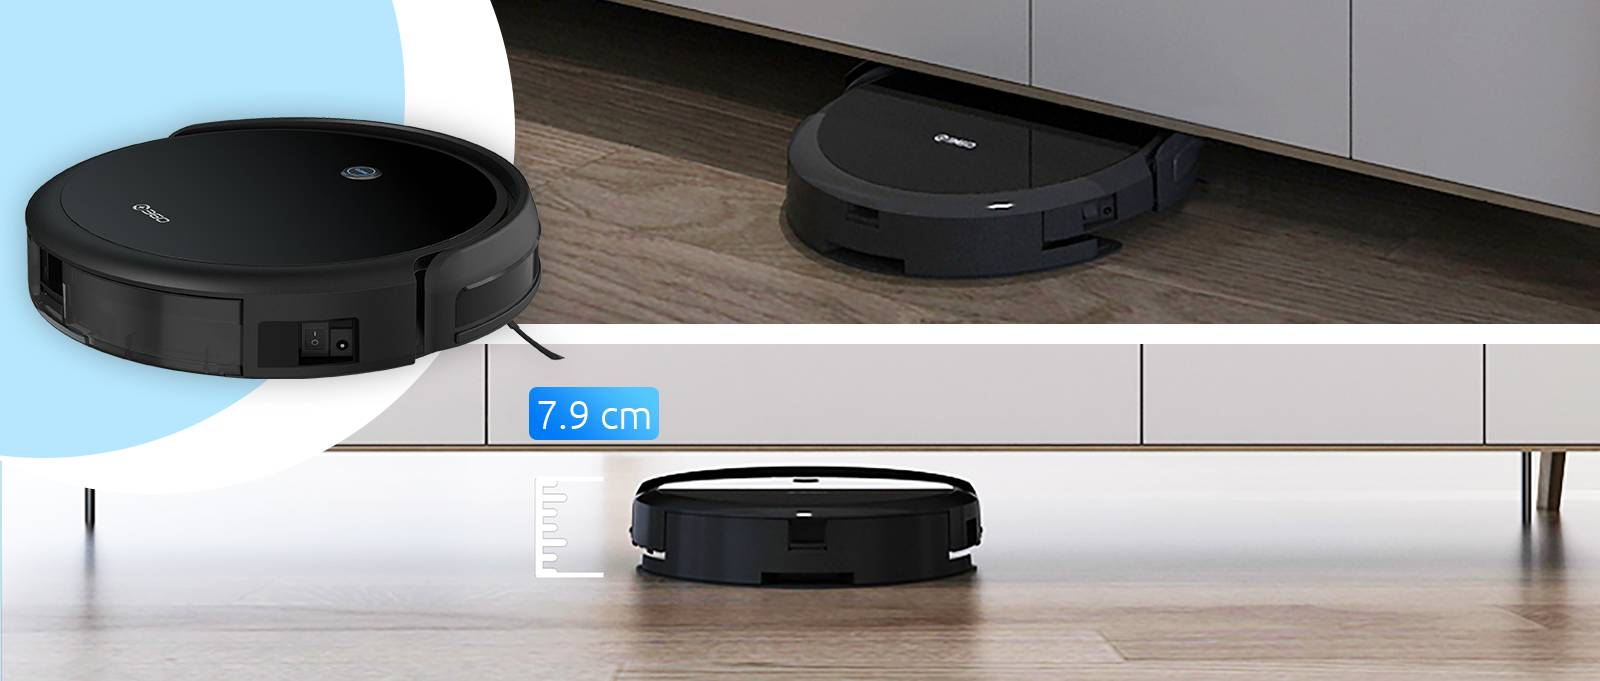 Робот-пылесос 360 C50-1: мощность и эффективность в компактной форме